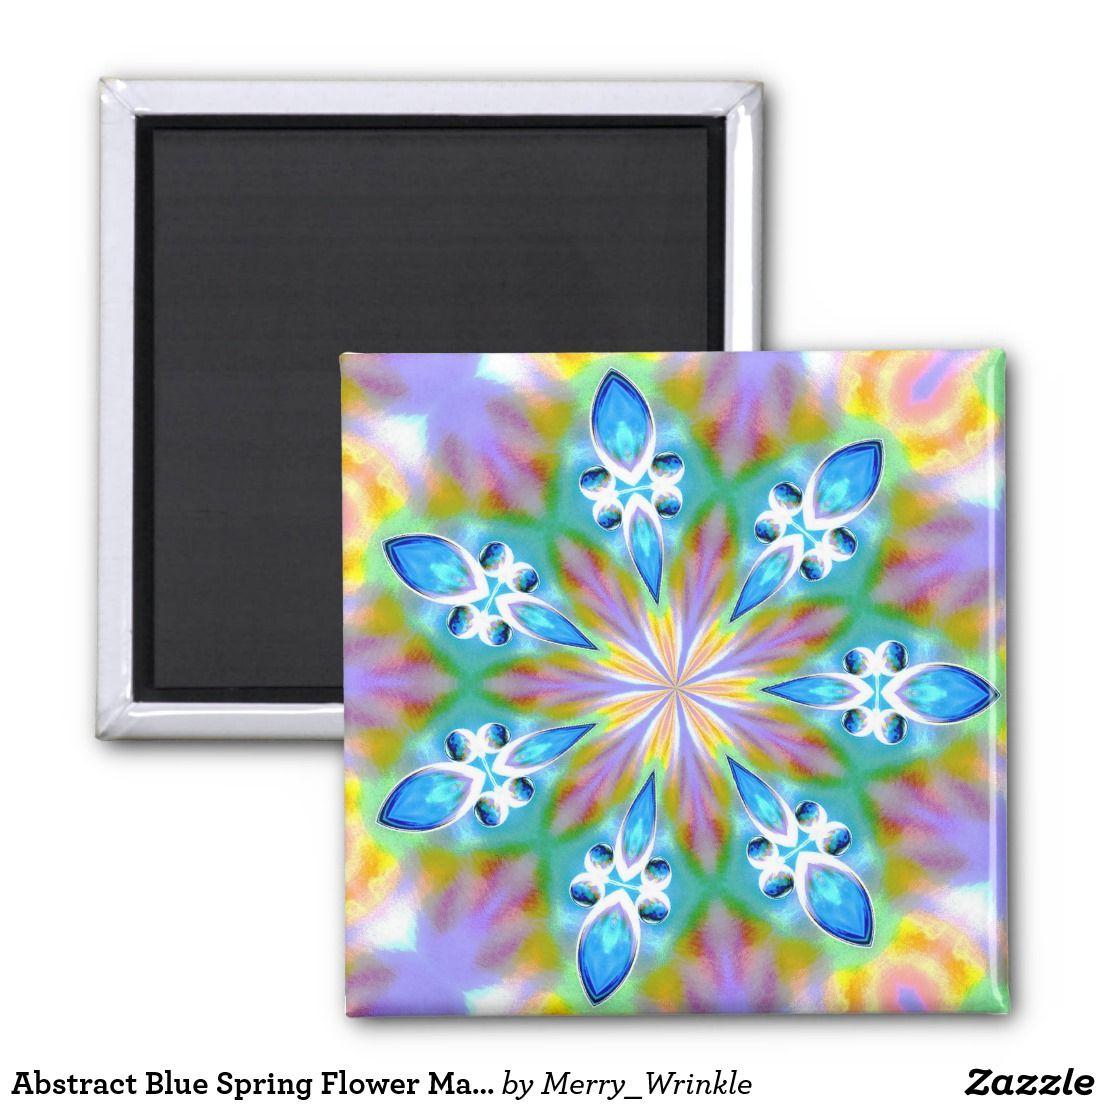 Abstract Blue Spring Flower Mandala Fridge Magnets Pinterest